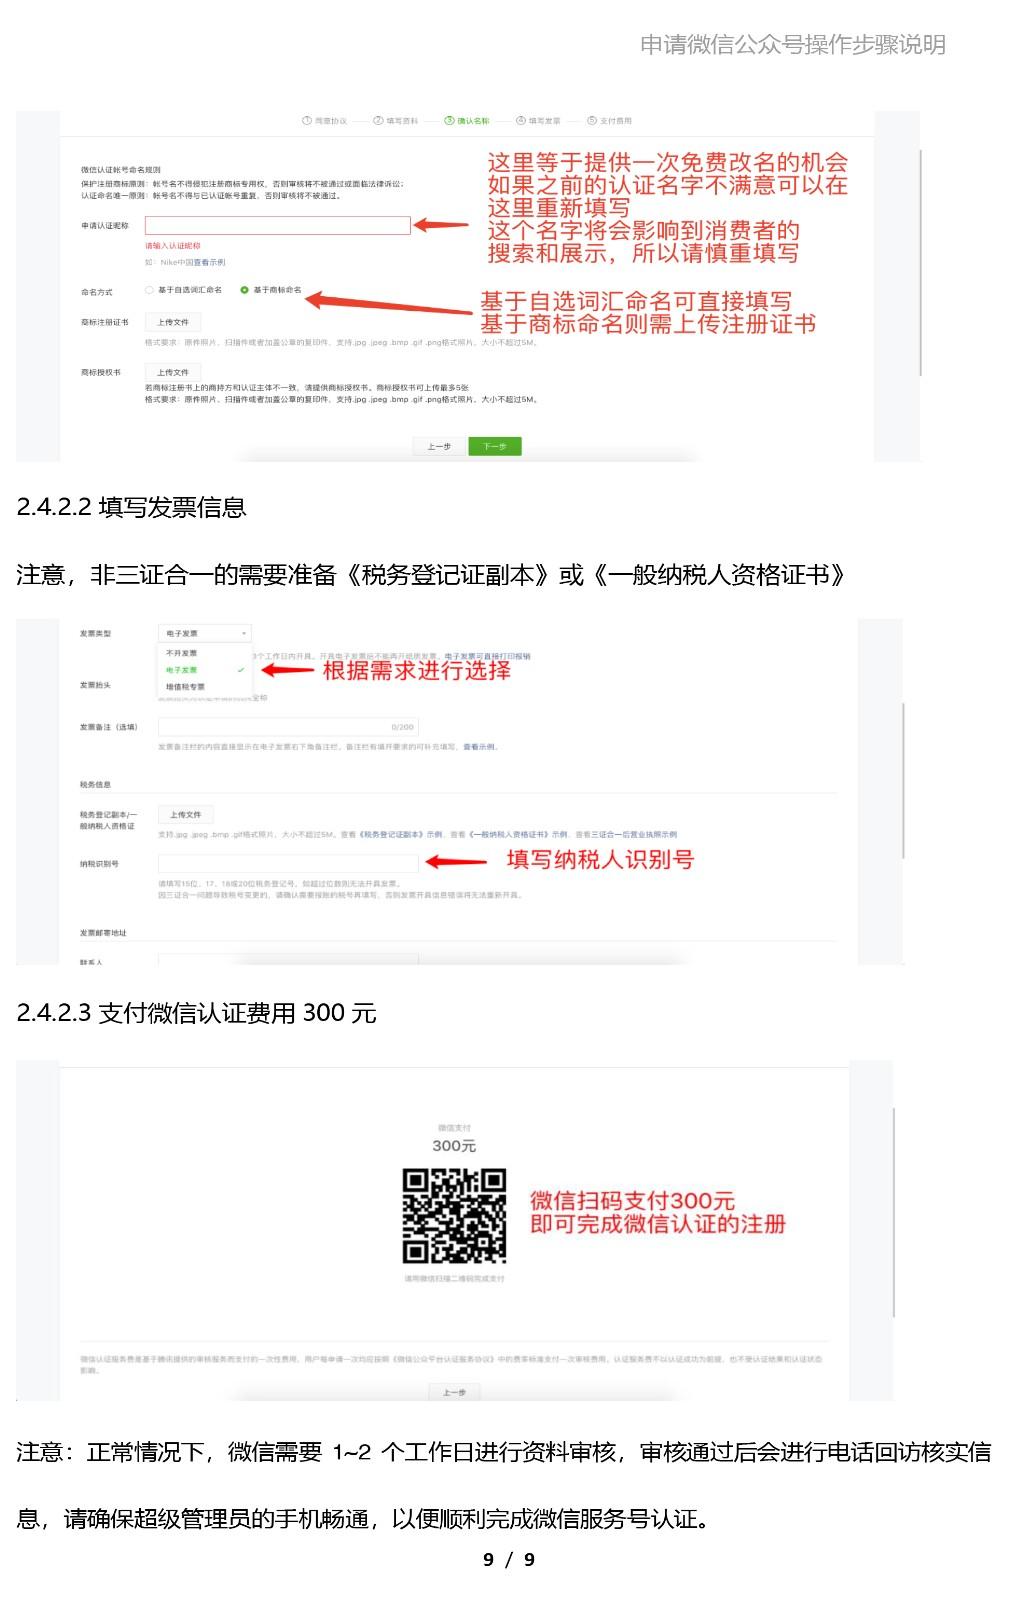 课程2附件、申请微信公众号操作步骤说明-9.jpg